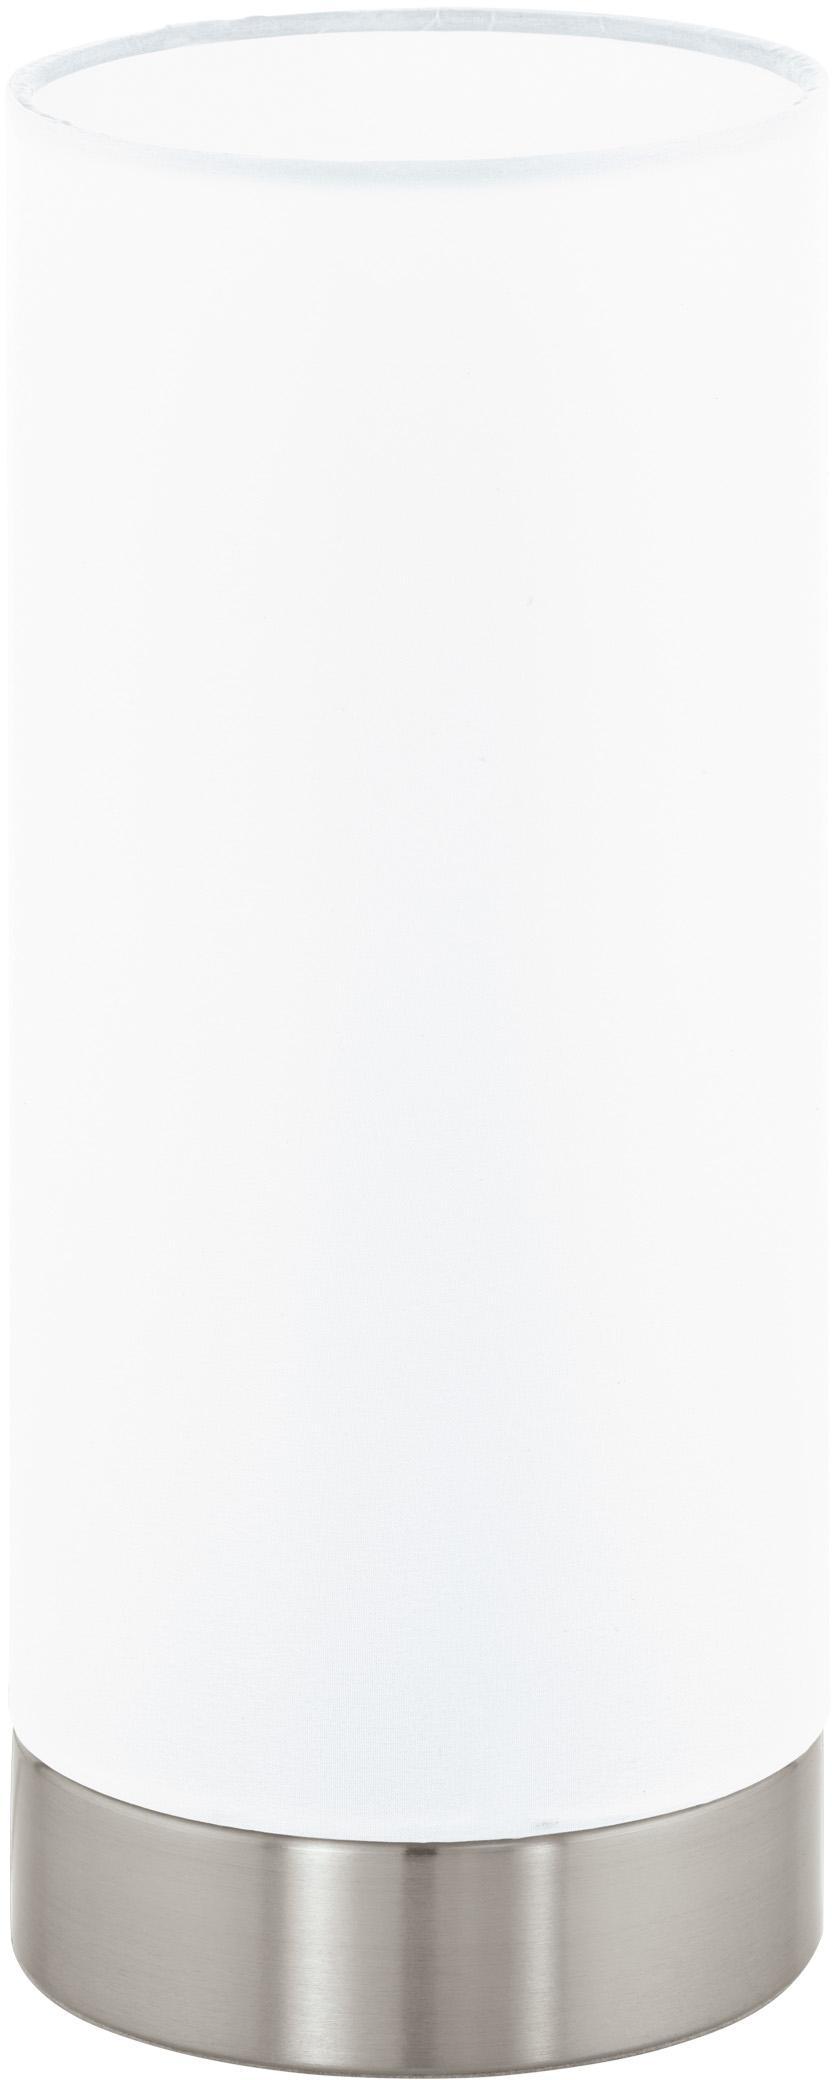 Lampa stołowa z funkcją przyciemniania Pasteri, Biały, srebrny, 6 cm